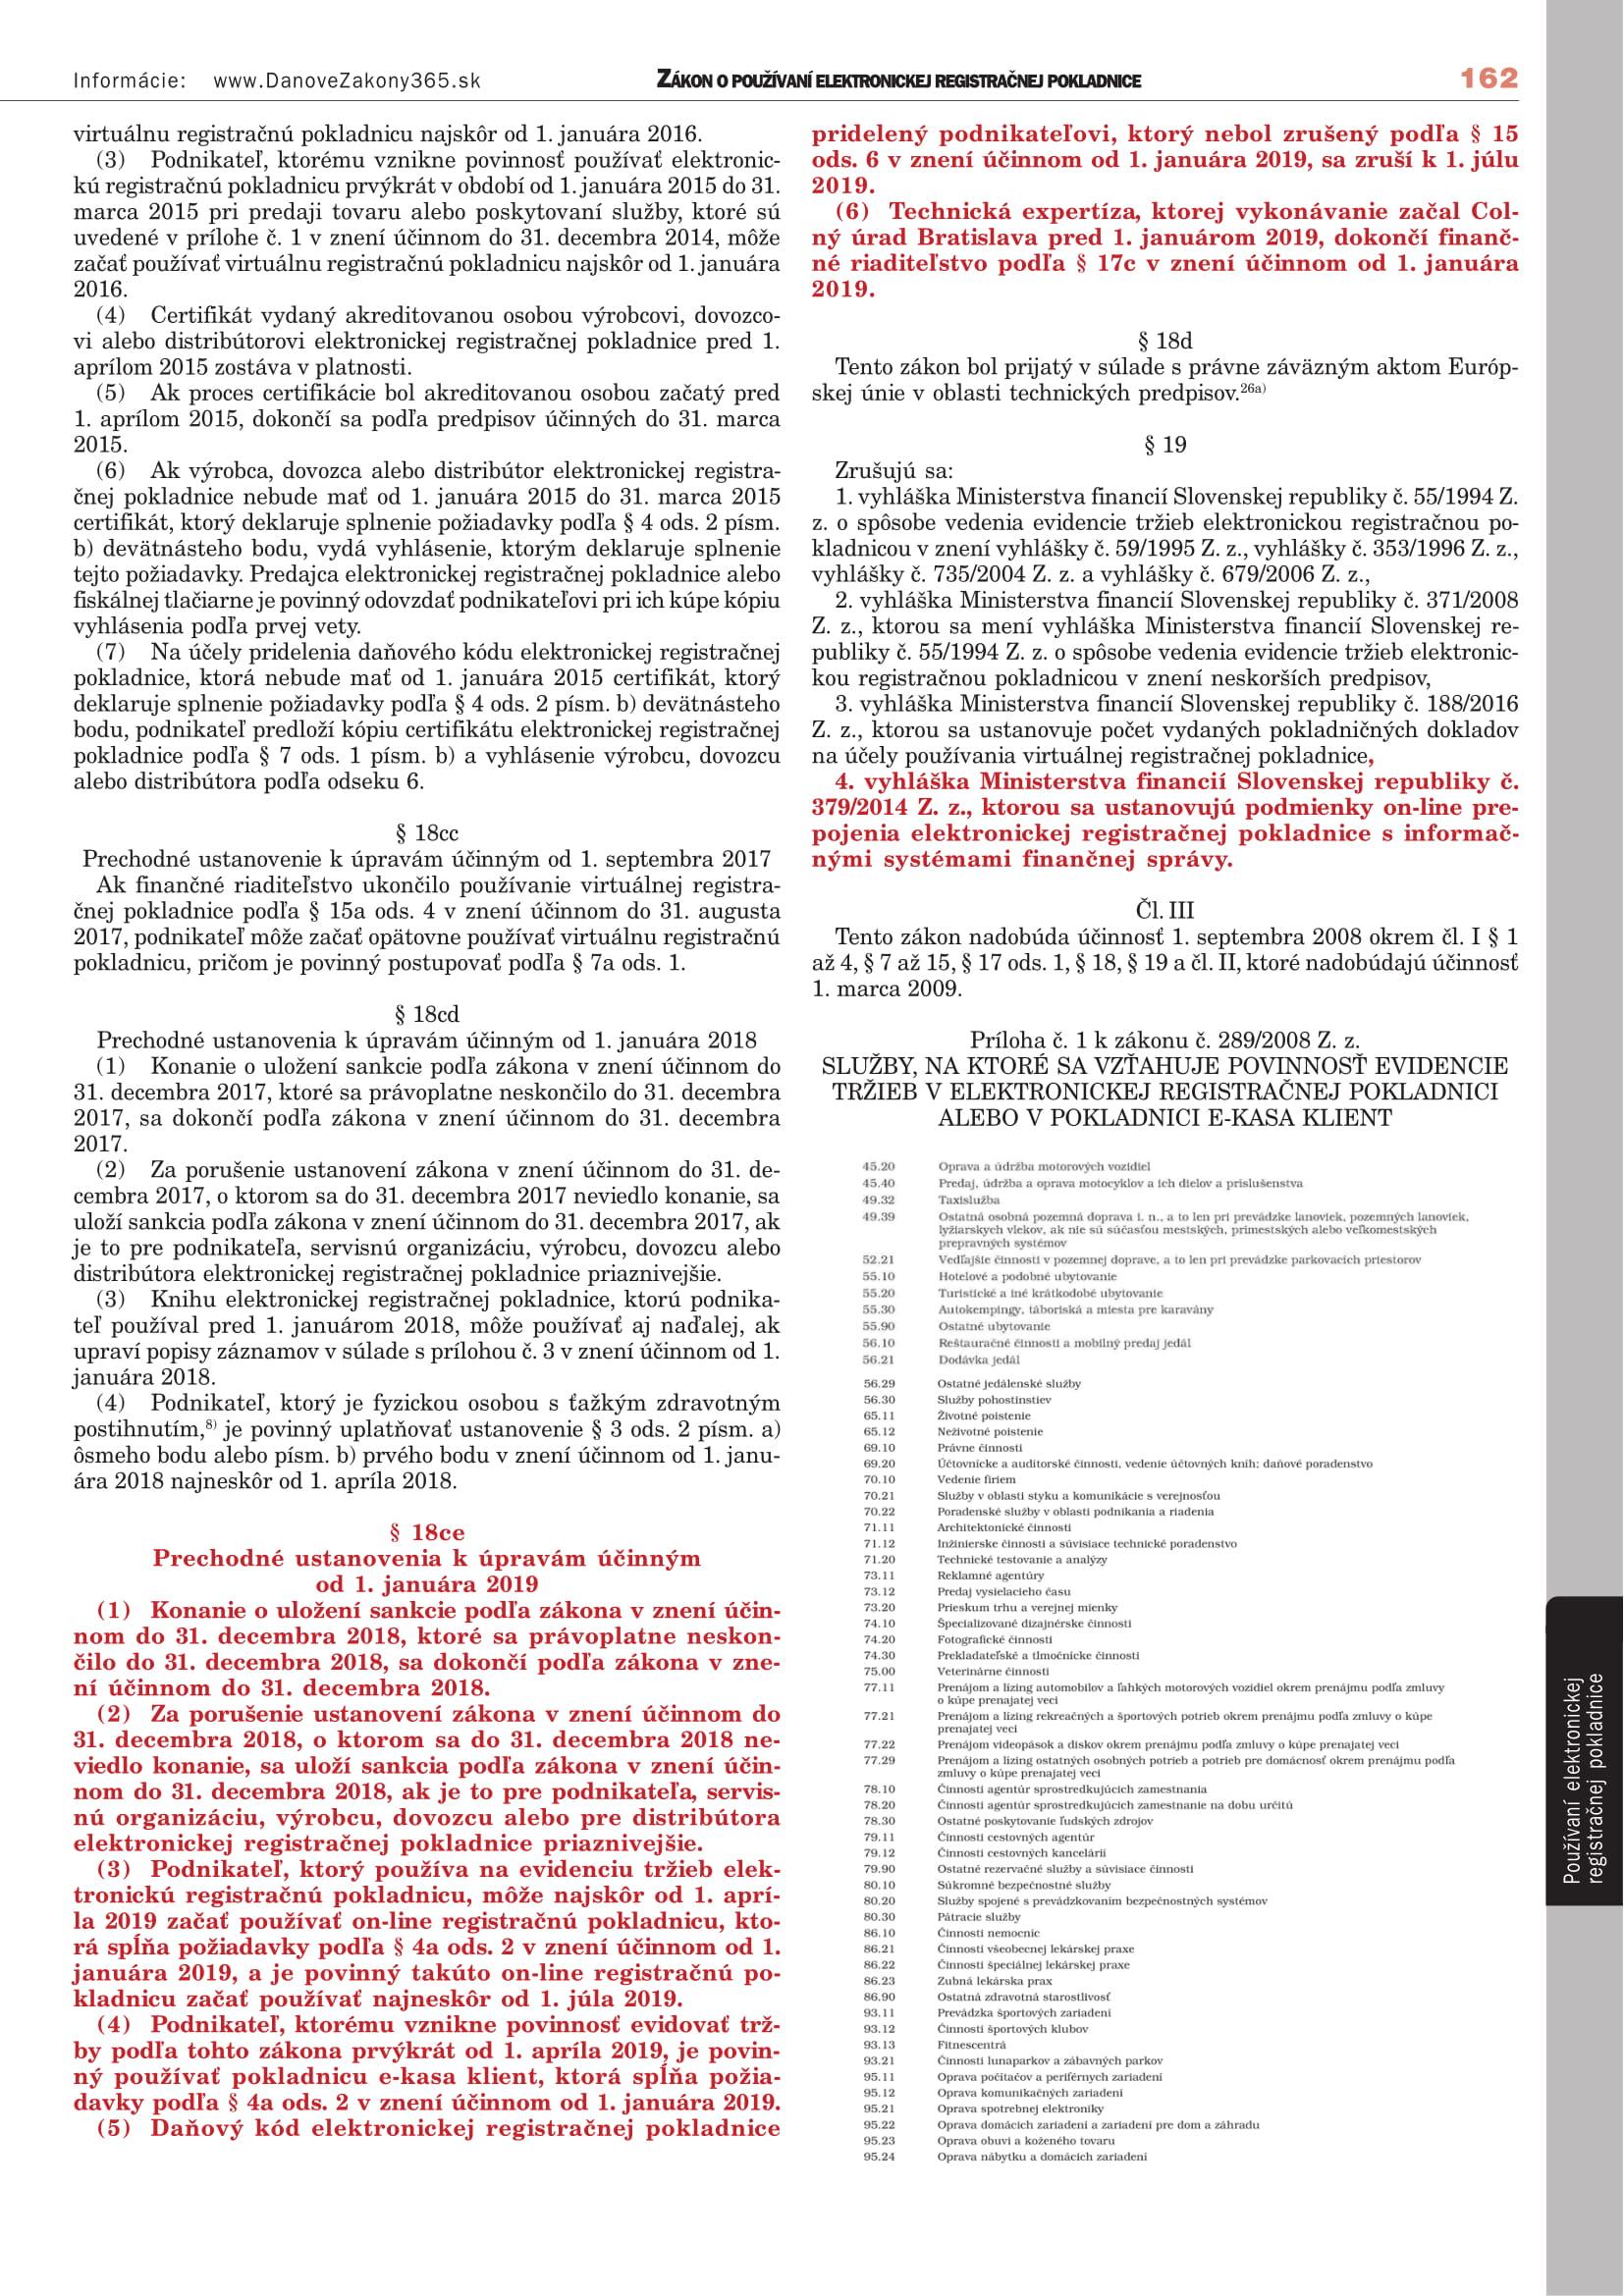 alto_zakon_o_registracnych_pokladniach_2019_po_jednej_stranane-17